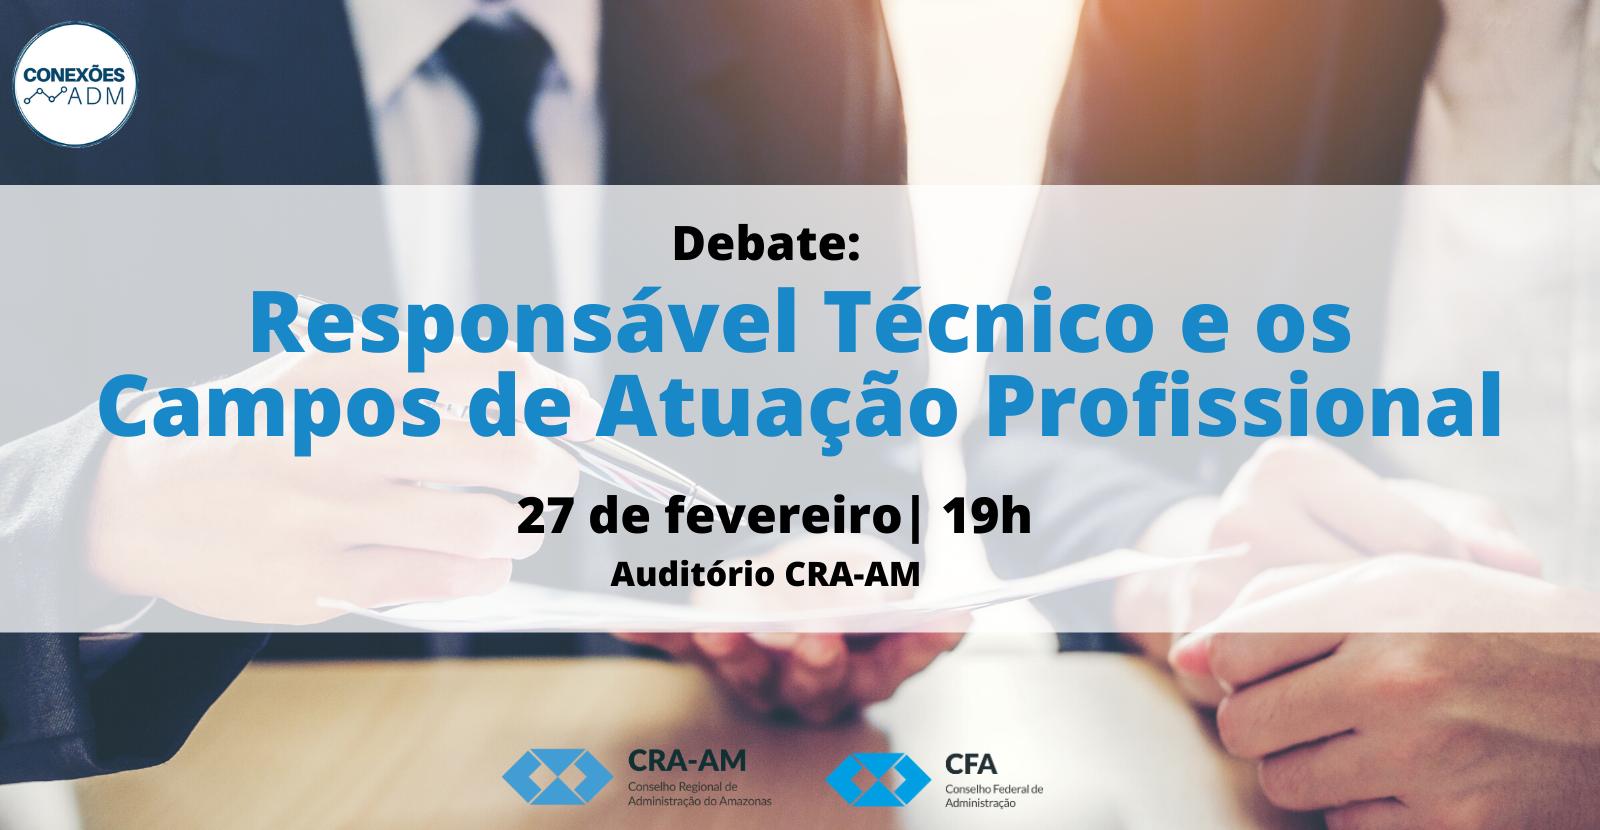 Debate: Responsável Técnico e os Campos de Atuação Profissional